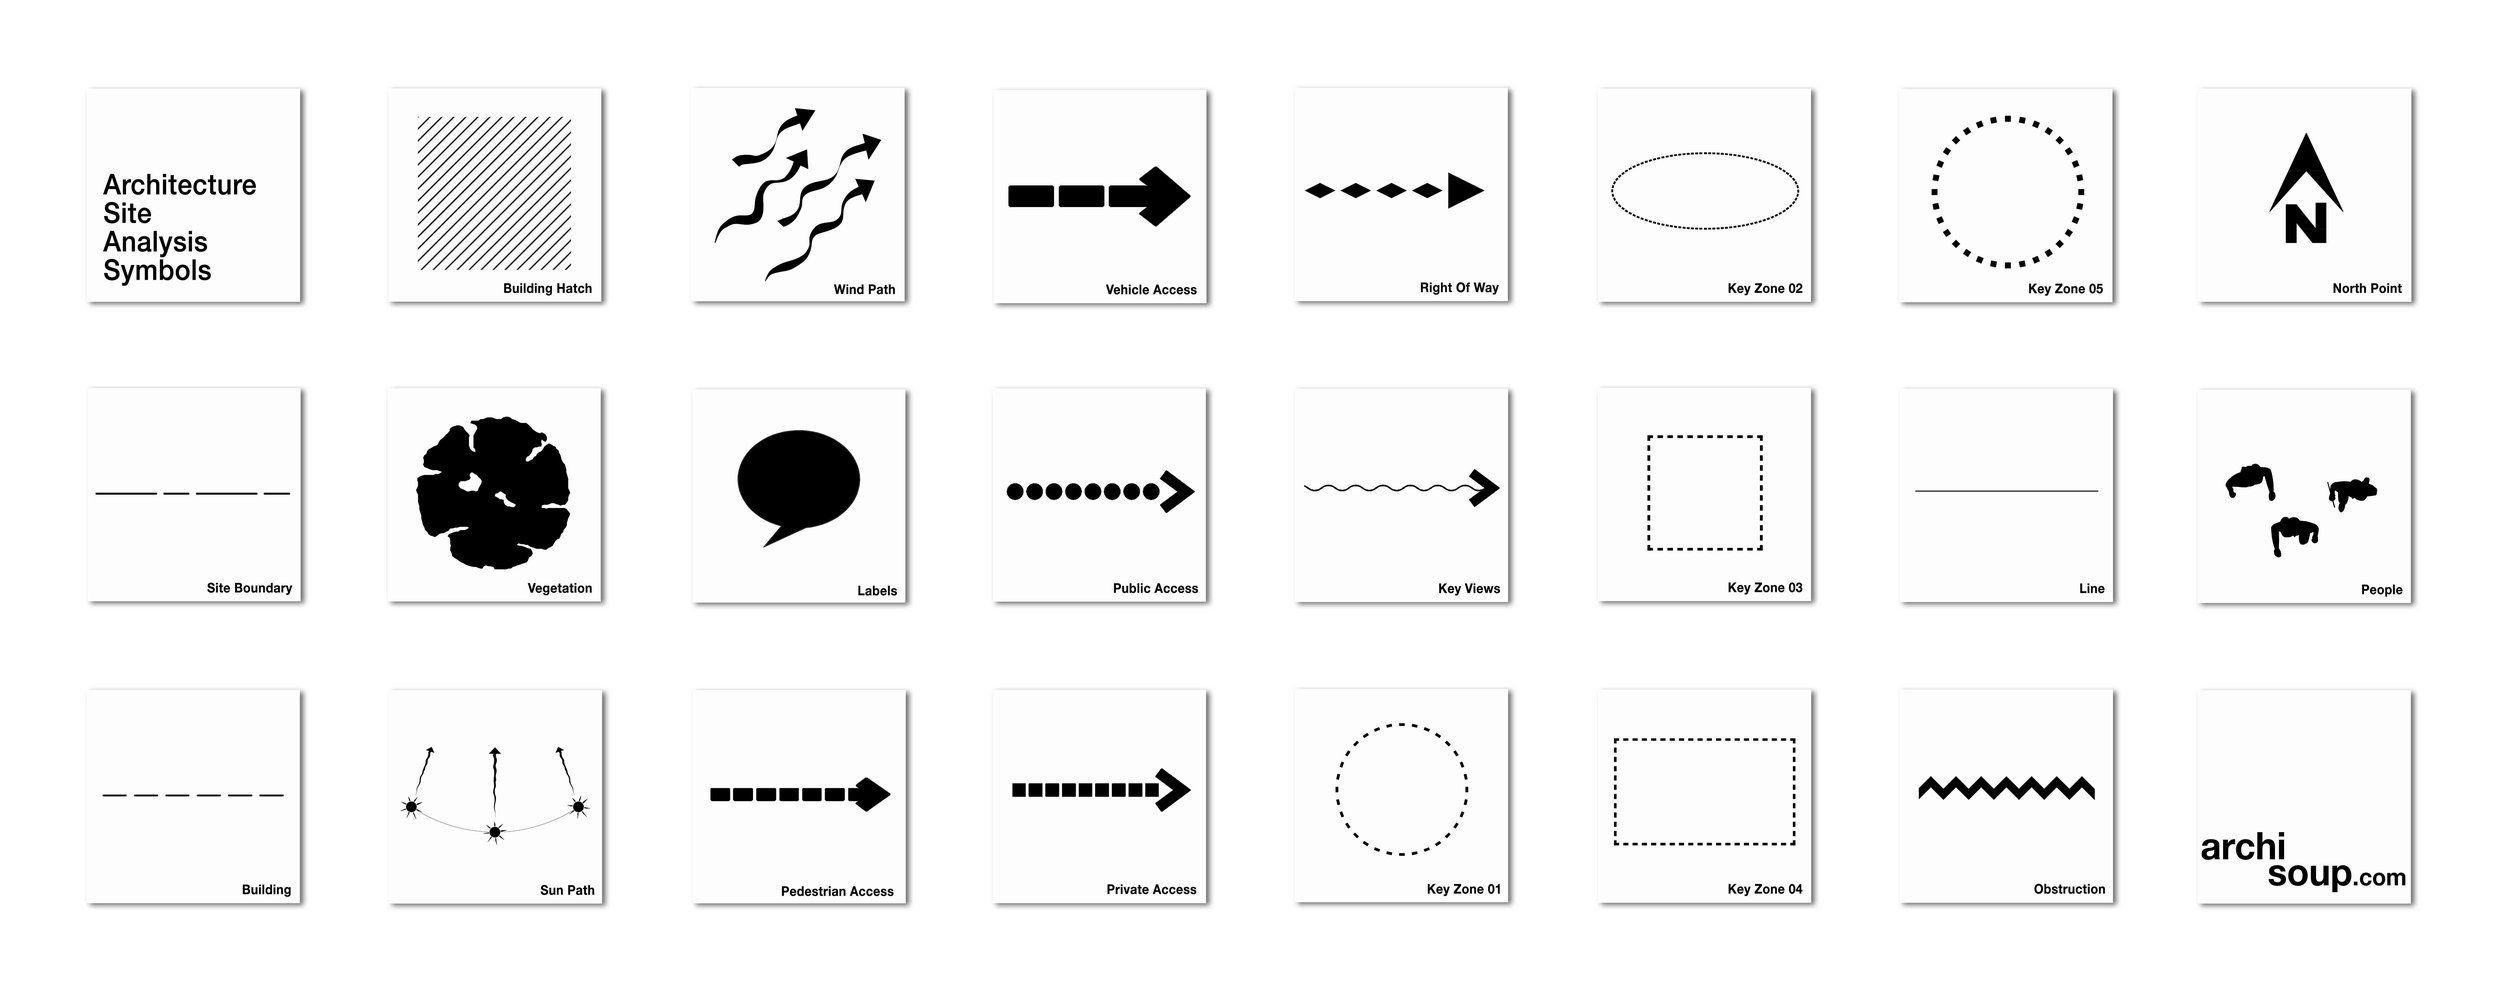 Archisoup Architecture Siteysis Diagrams Symbols